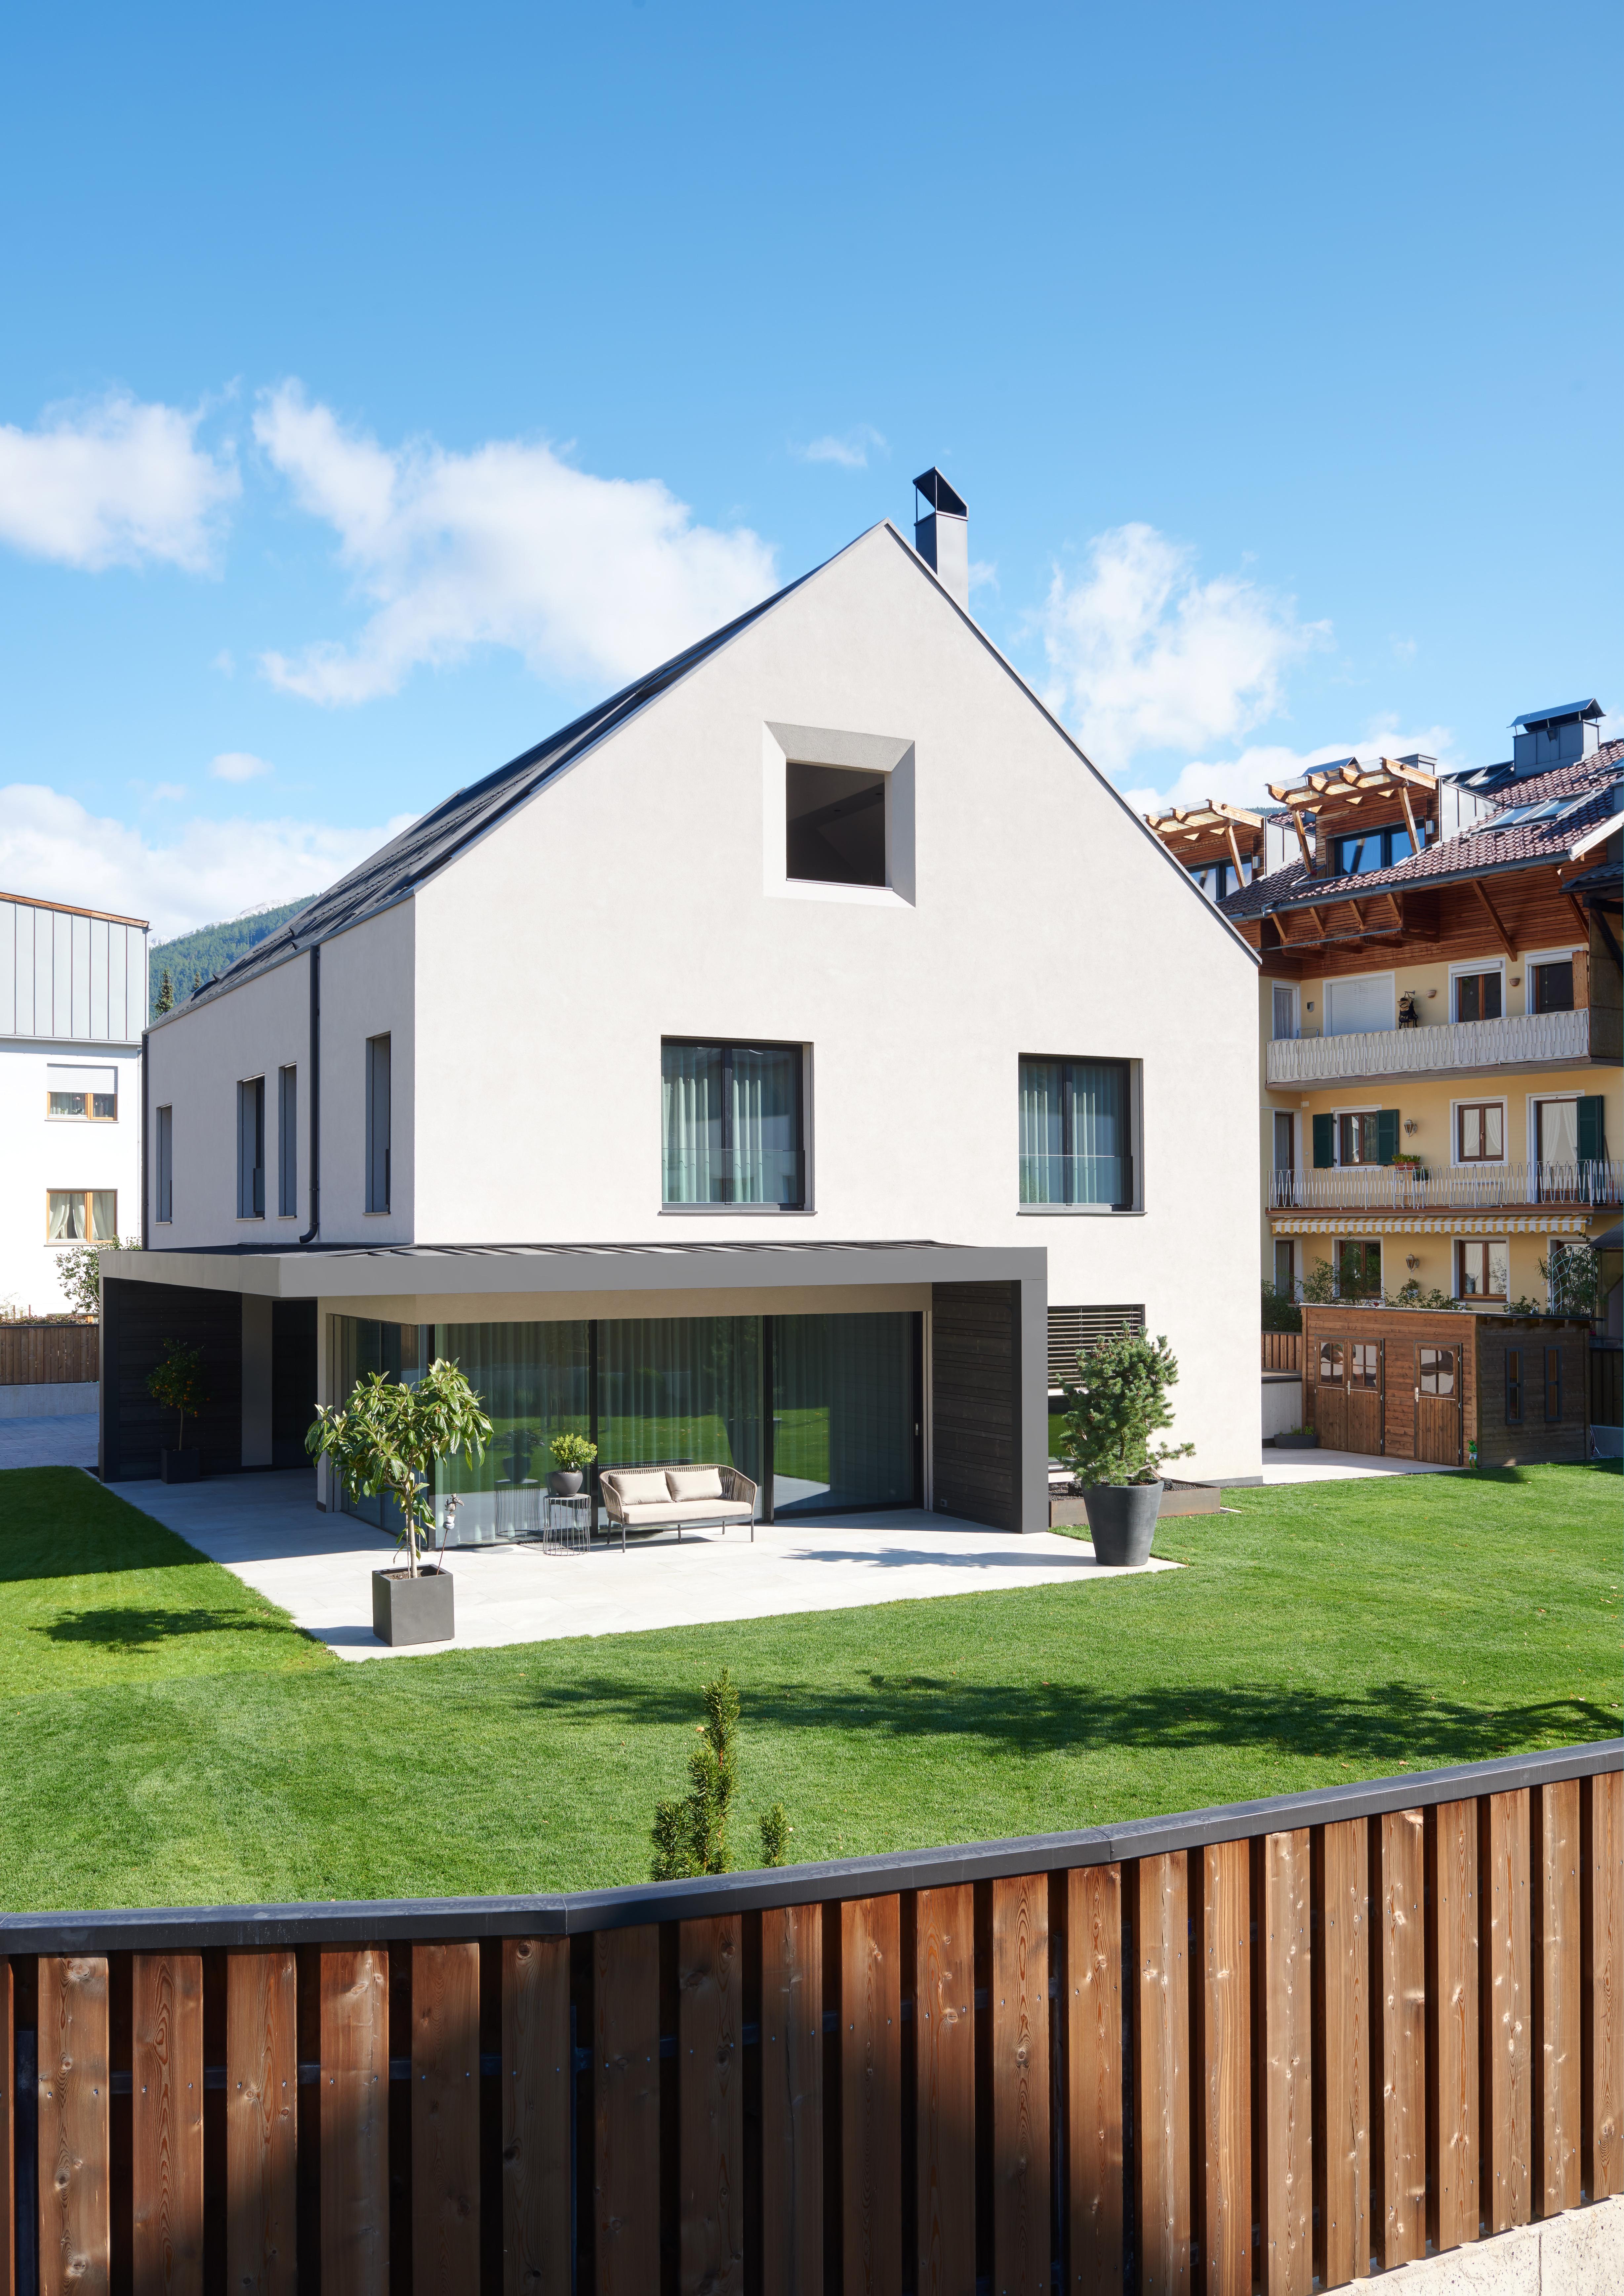 Rubner Haus: contemporaneità e sostenibilità caratterizzano una villa realizzata secondo il nuovo concept Studio, in Val Pusteria